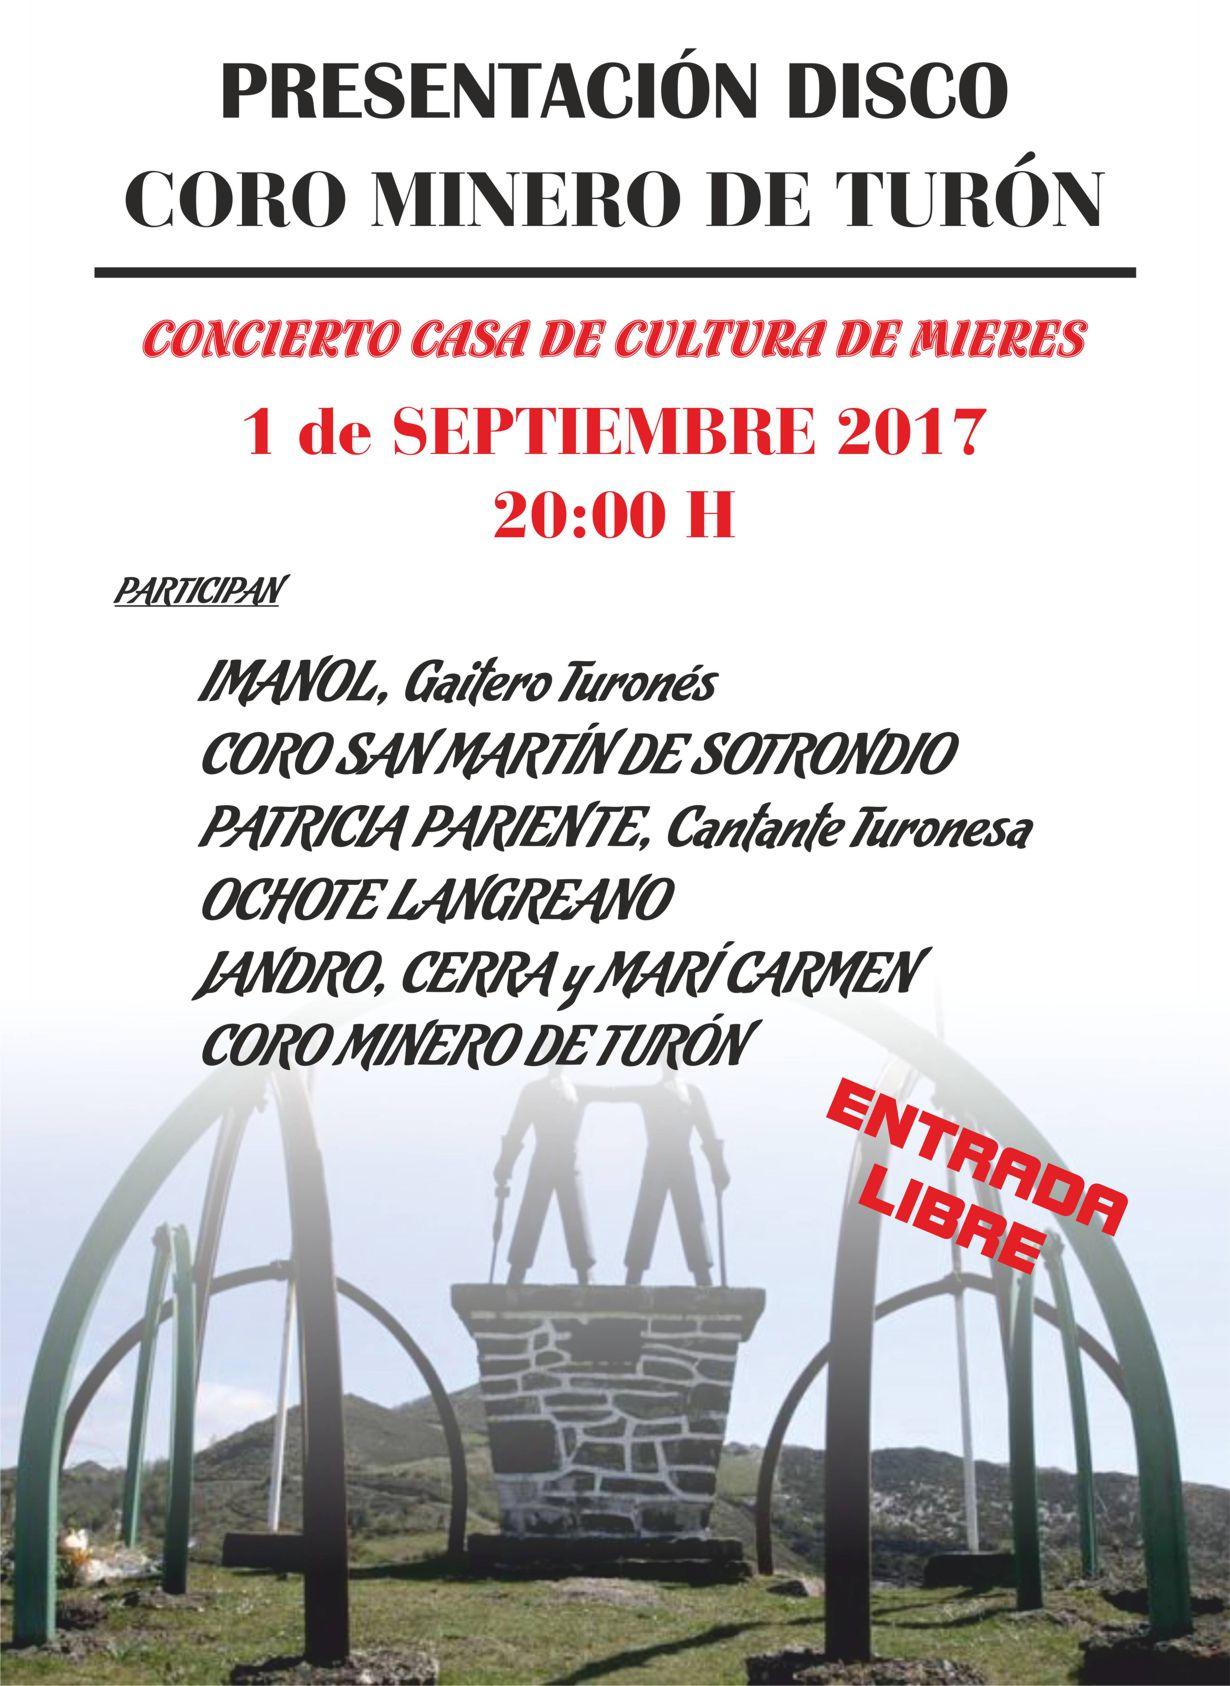 CARTEL CORO MINERO presentacion DISCO